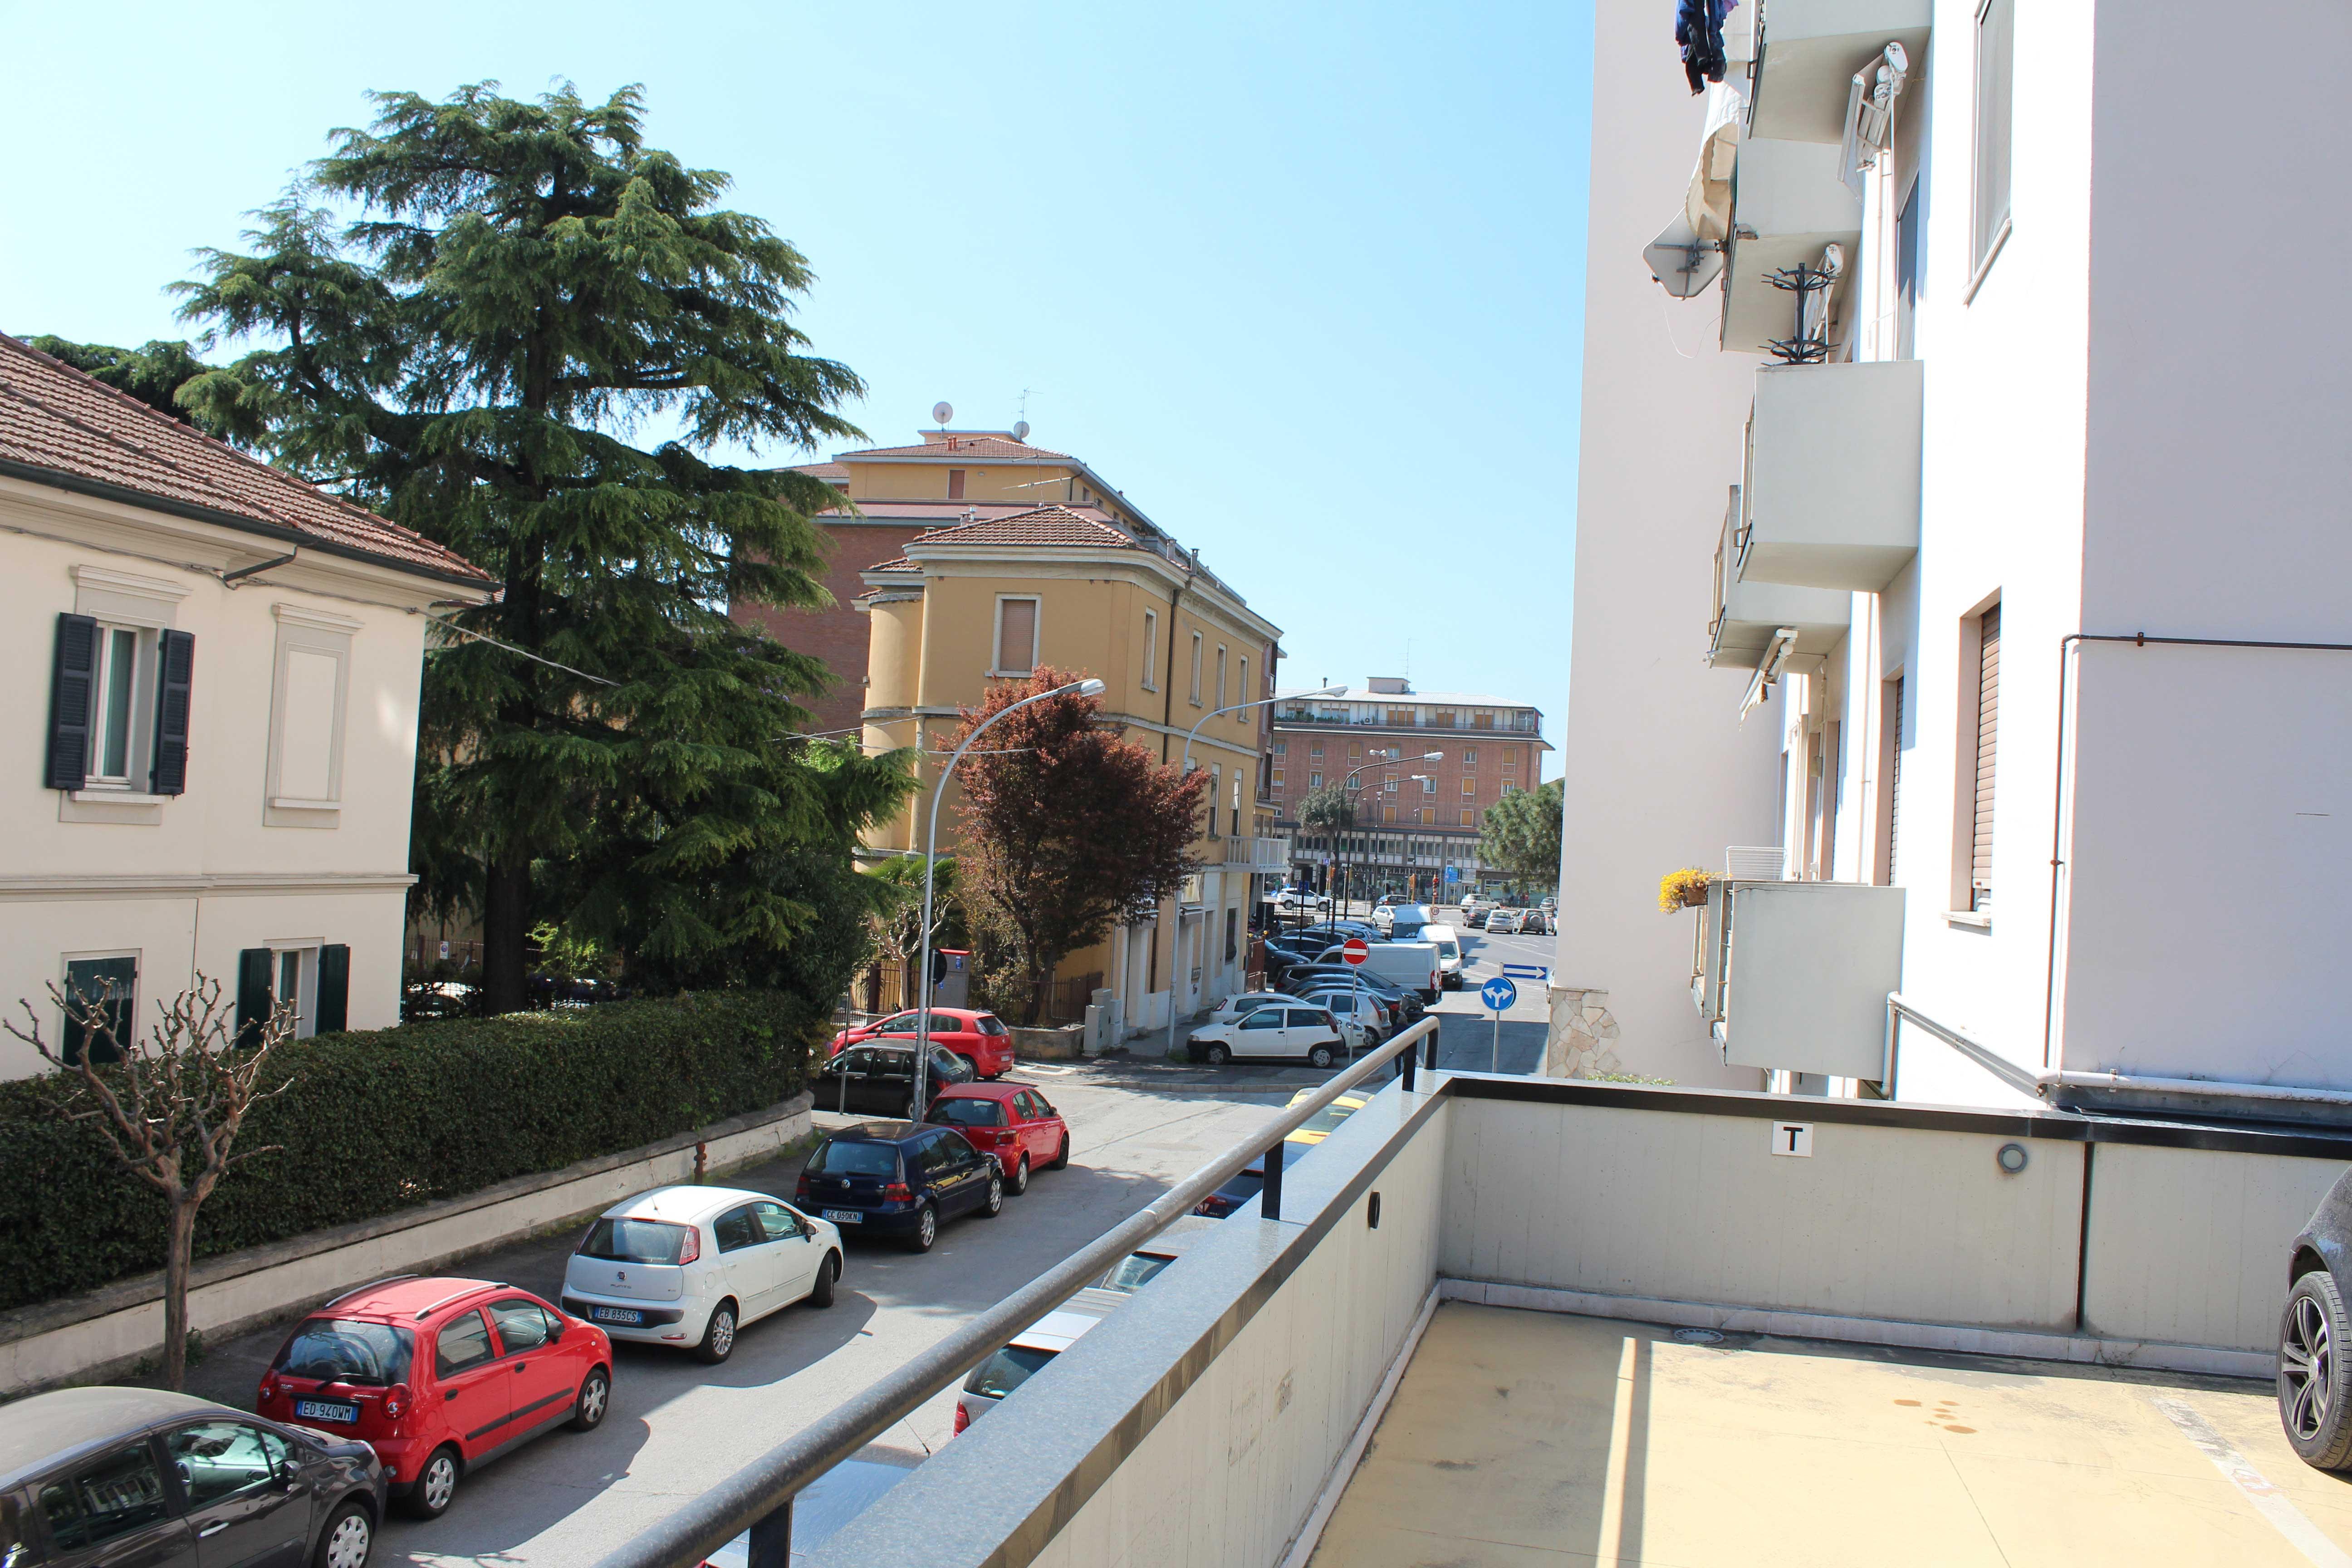 Residence 2000 forl monolocali e bilocali arredati in for Mini appartamenti arredati